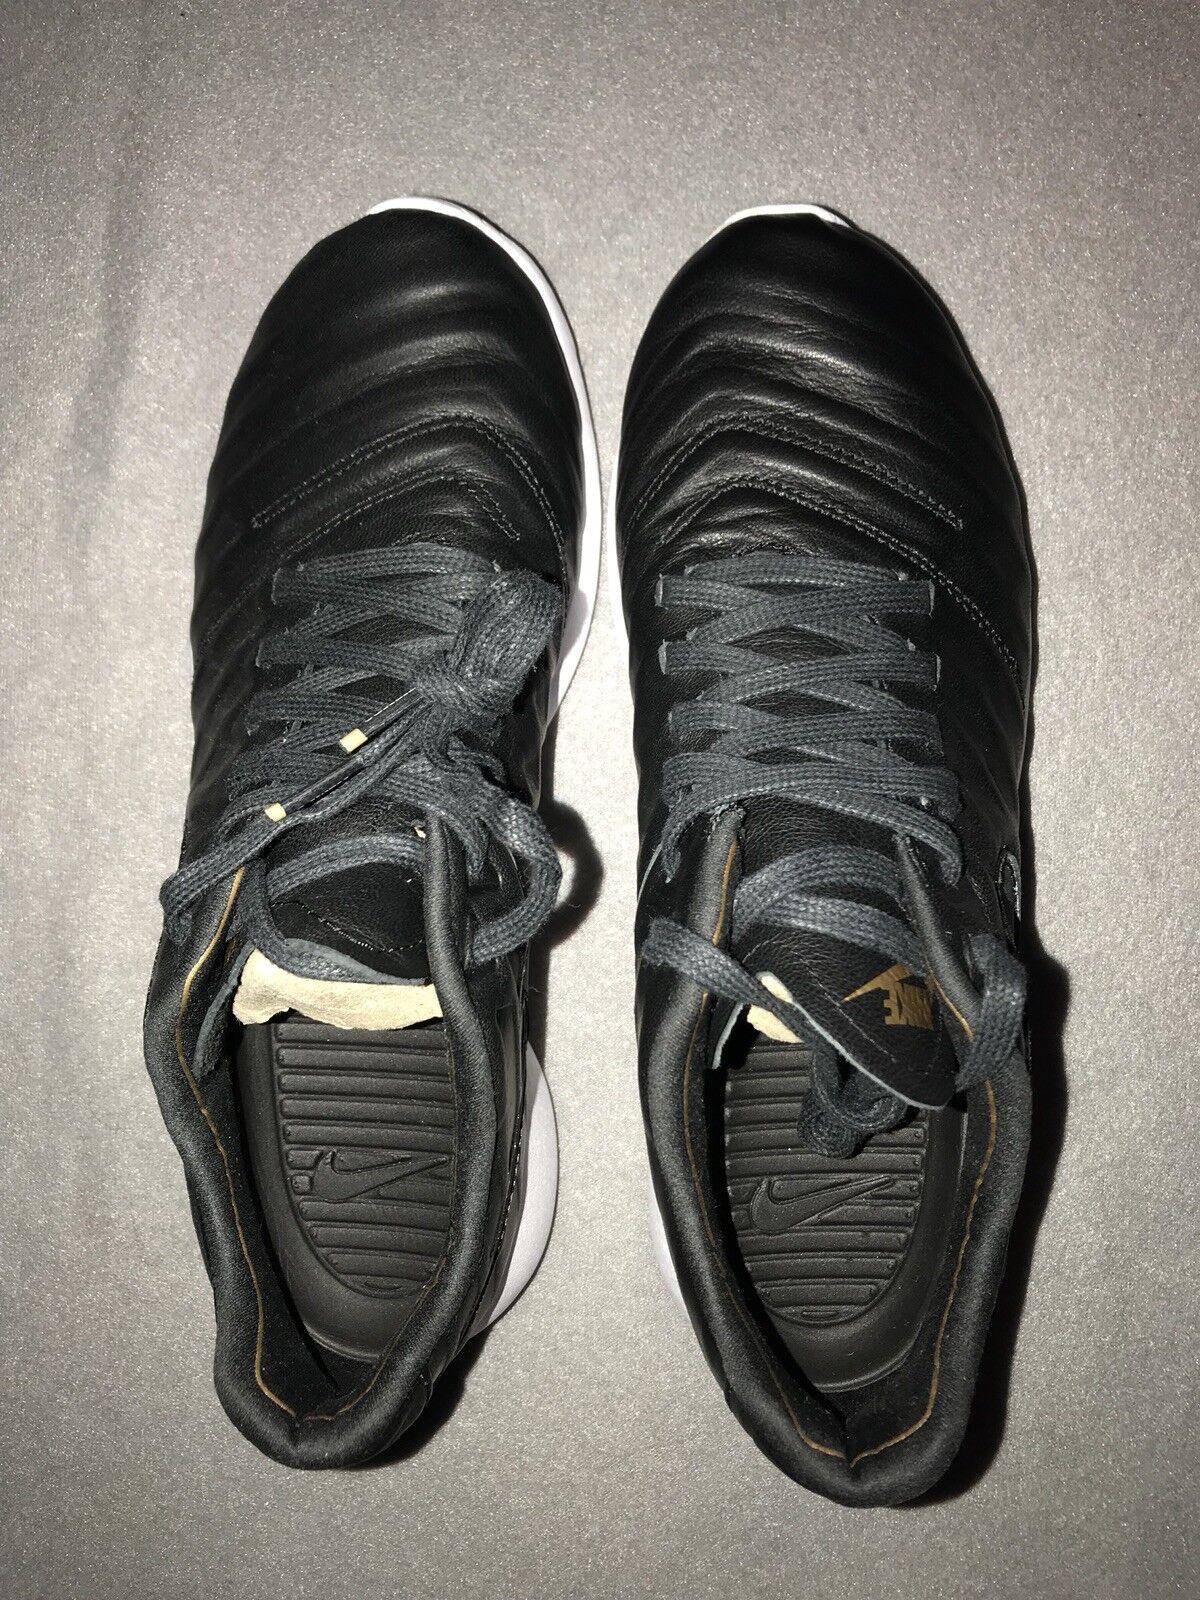 Nike Roshe Tiempo VI QS size 6.5